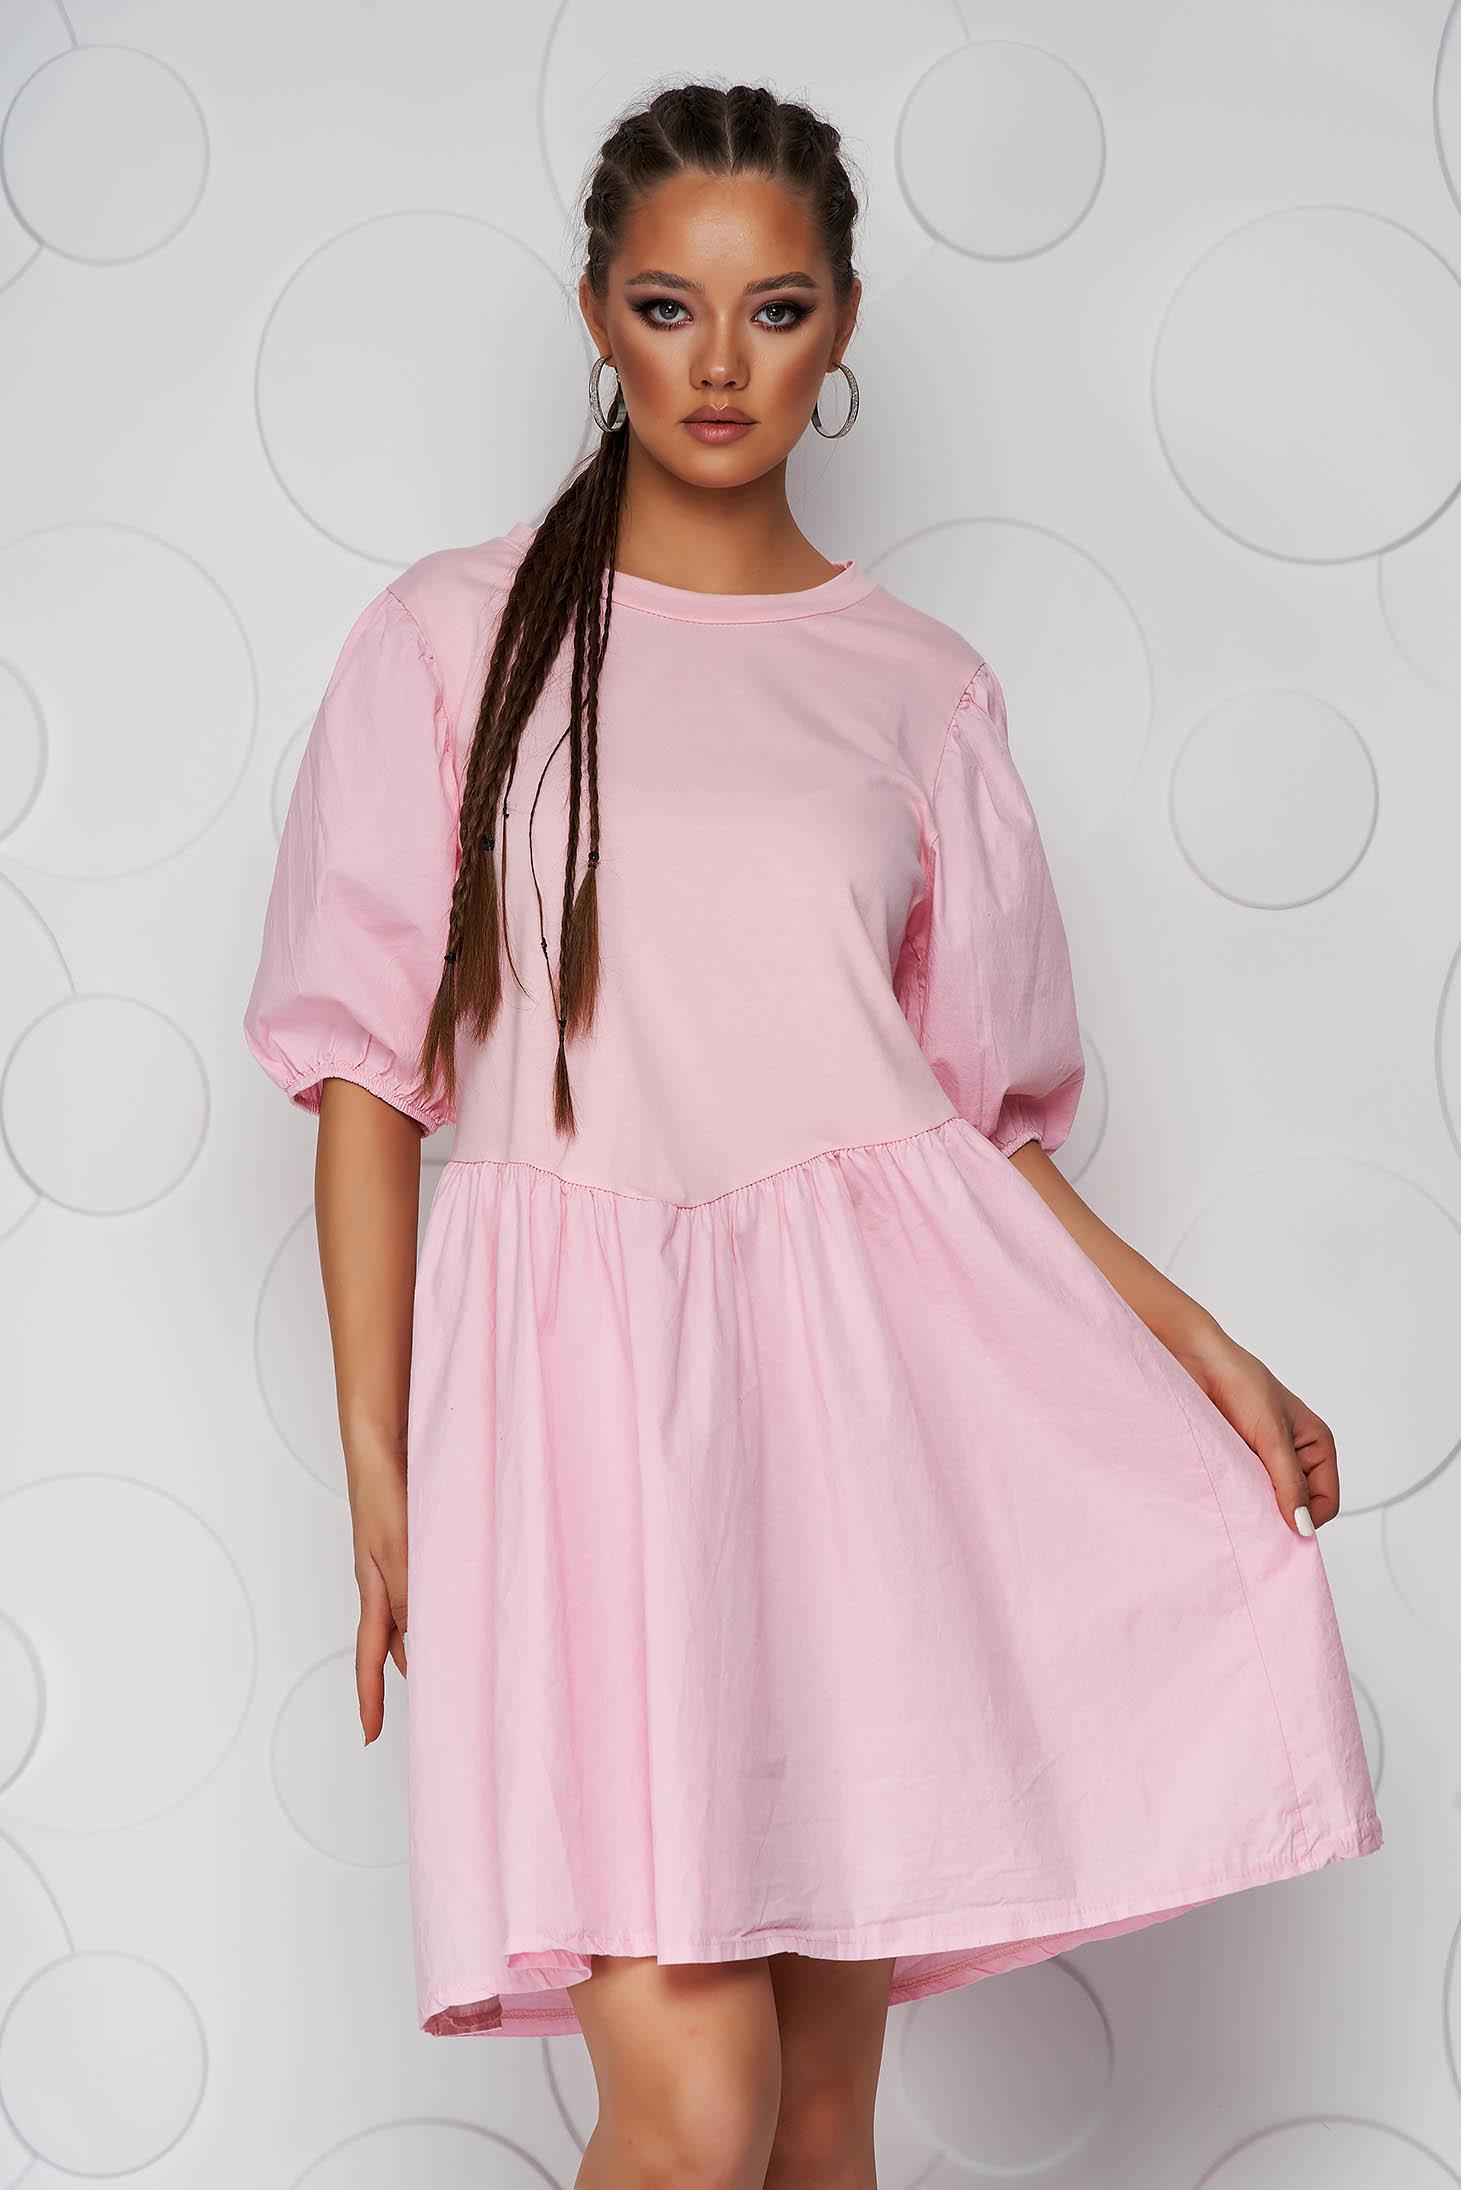 Rochie roz deschis scurta din bumbac cu croi larg si maneci scurte prinse in elastic